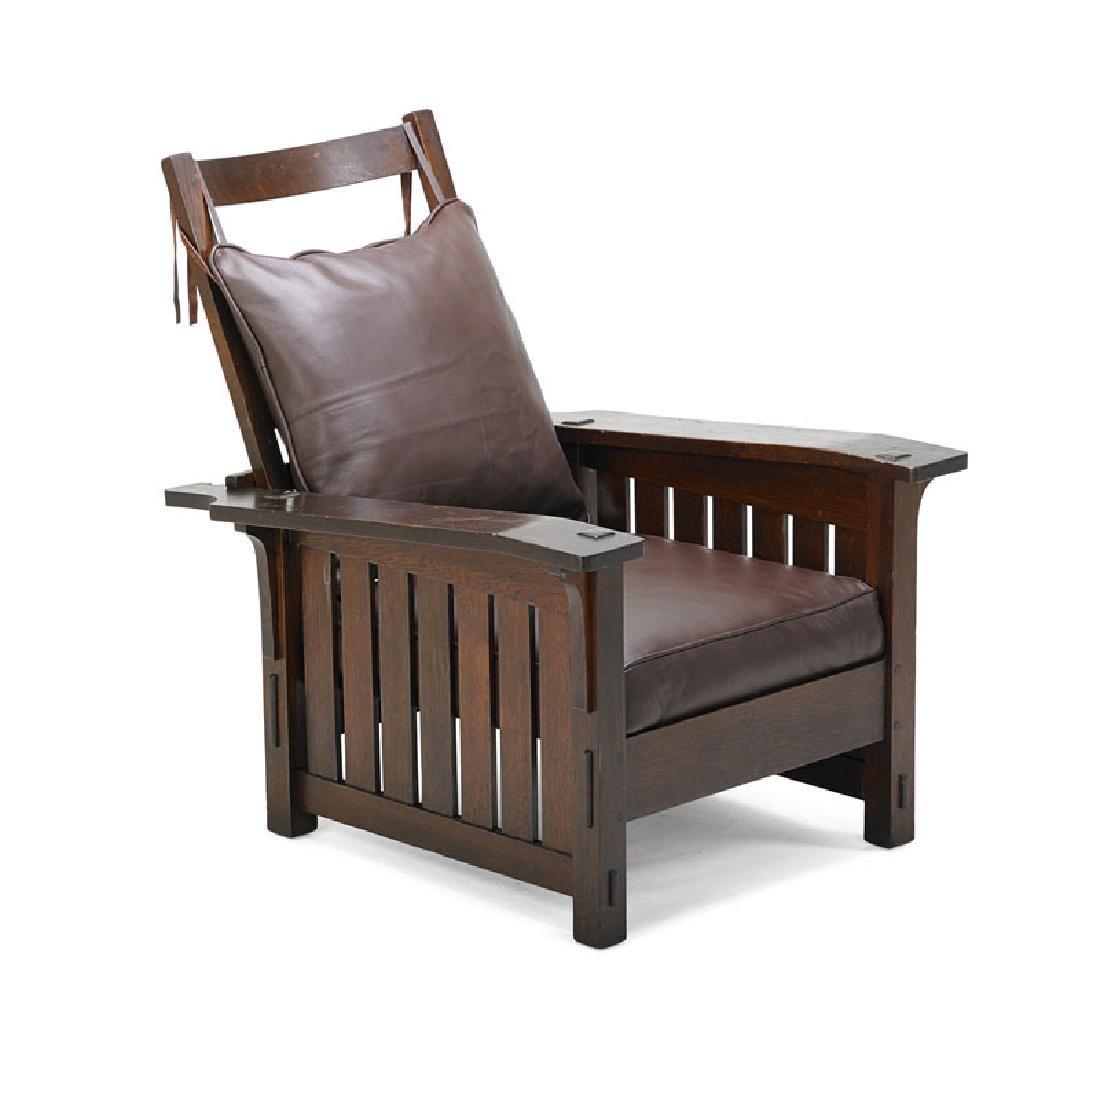 L. & J.G. STICKLEY Rare Morris chair